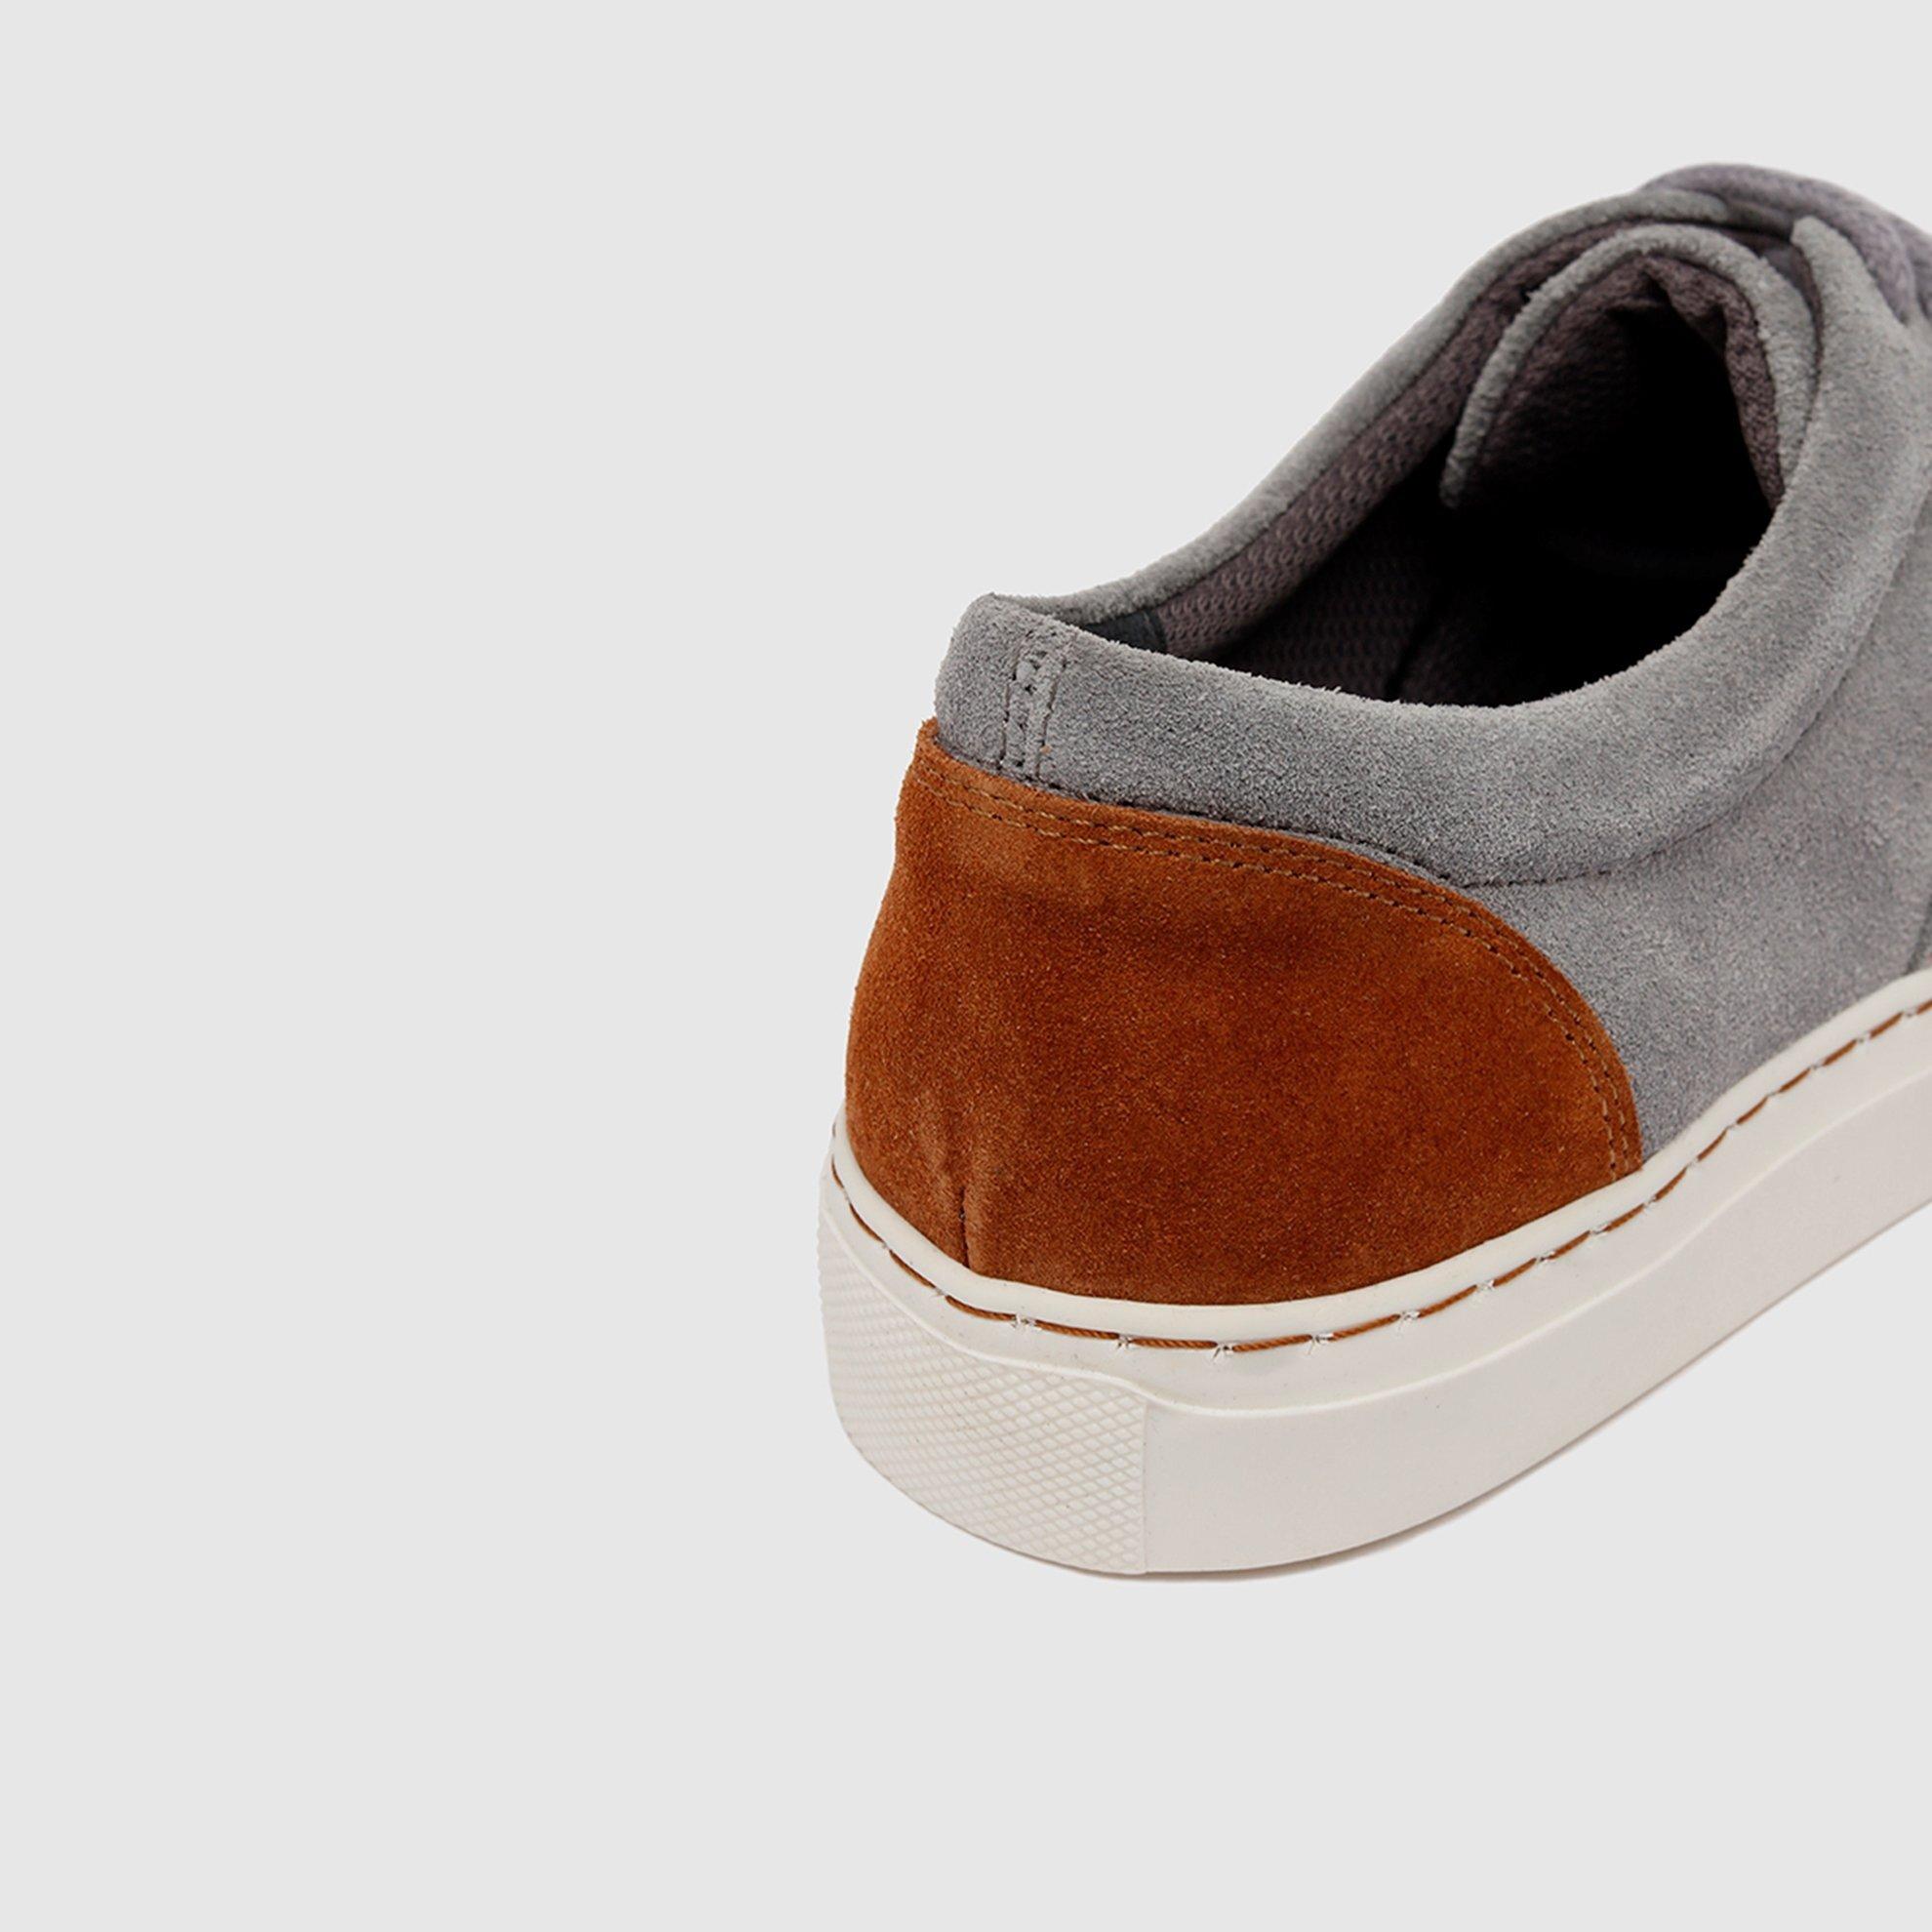 resm Süet Spor Ayakkabı